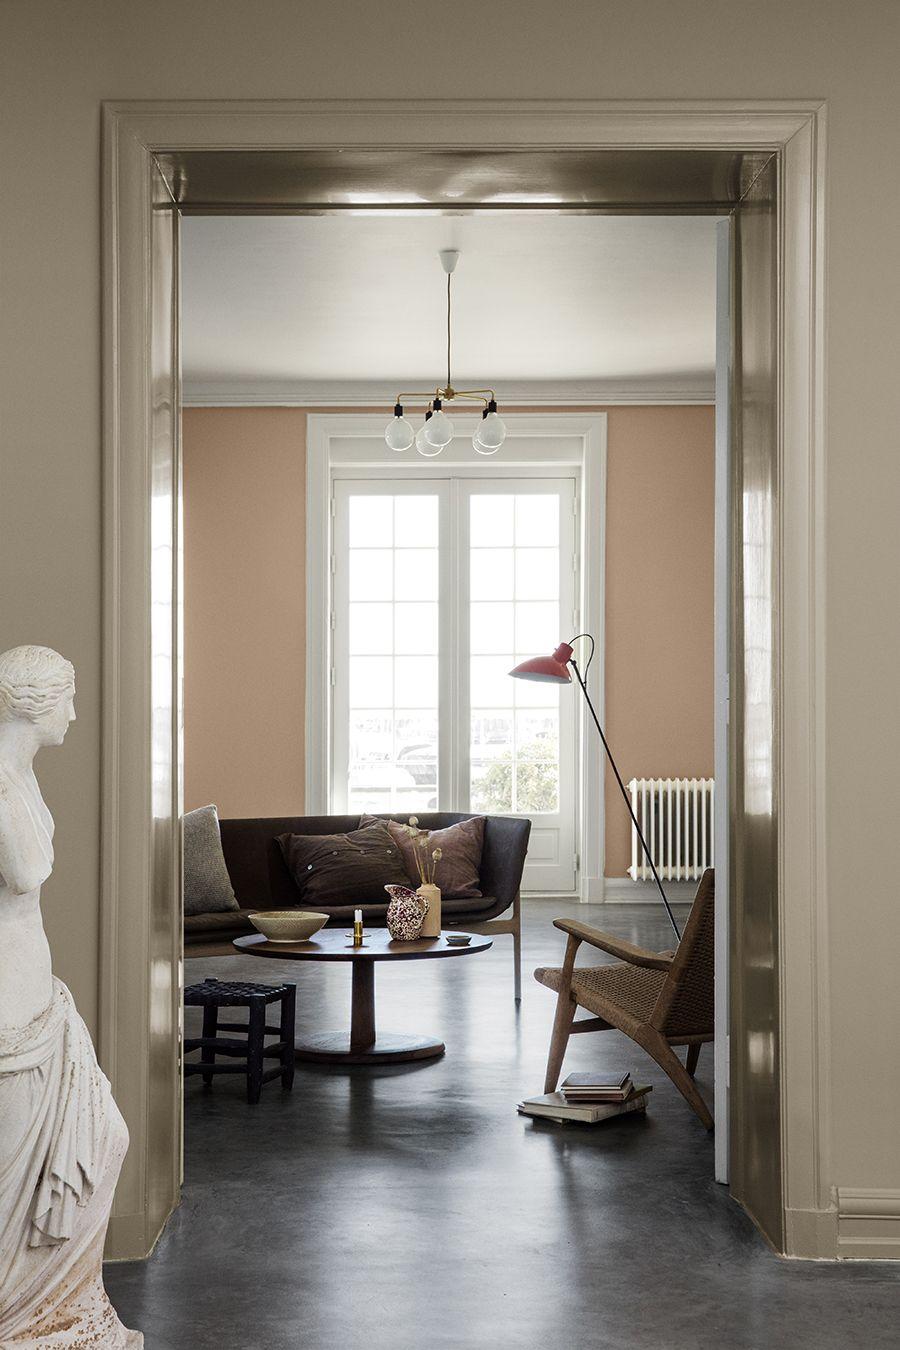 Binnenkijken bij een super trendy interieur | Interiors